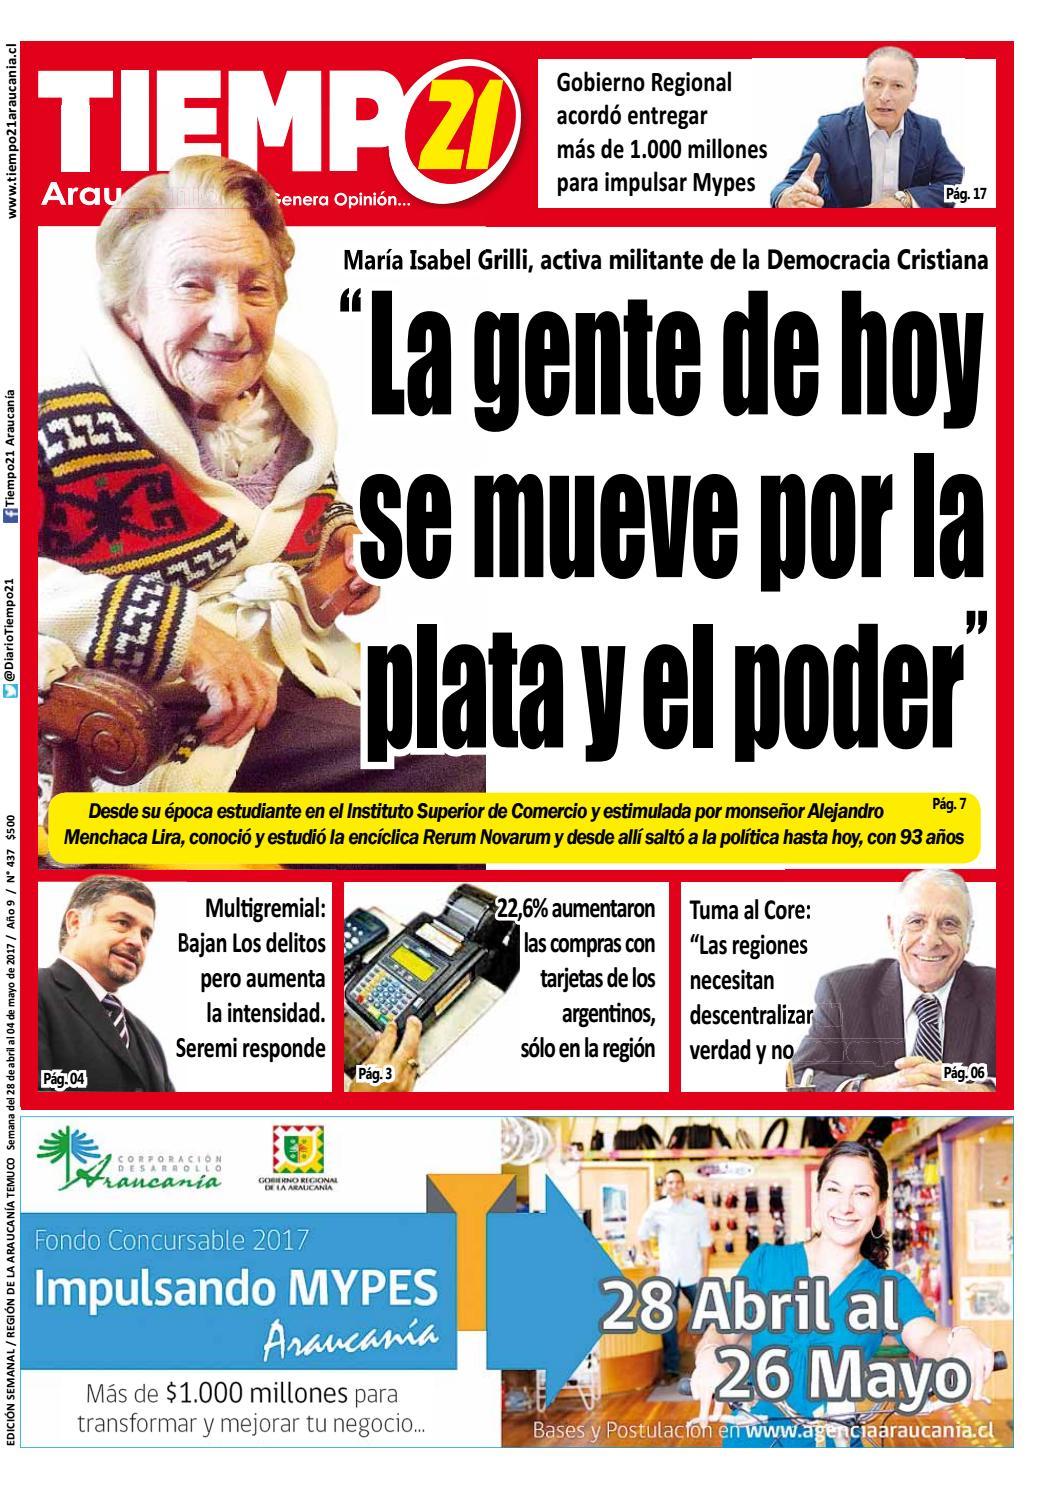 Haydee Gutierrez Menchaca edición 437, maría isabel grilli: la gente de hoy se mueve